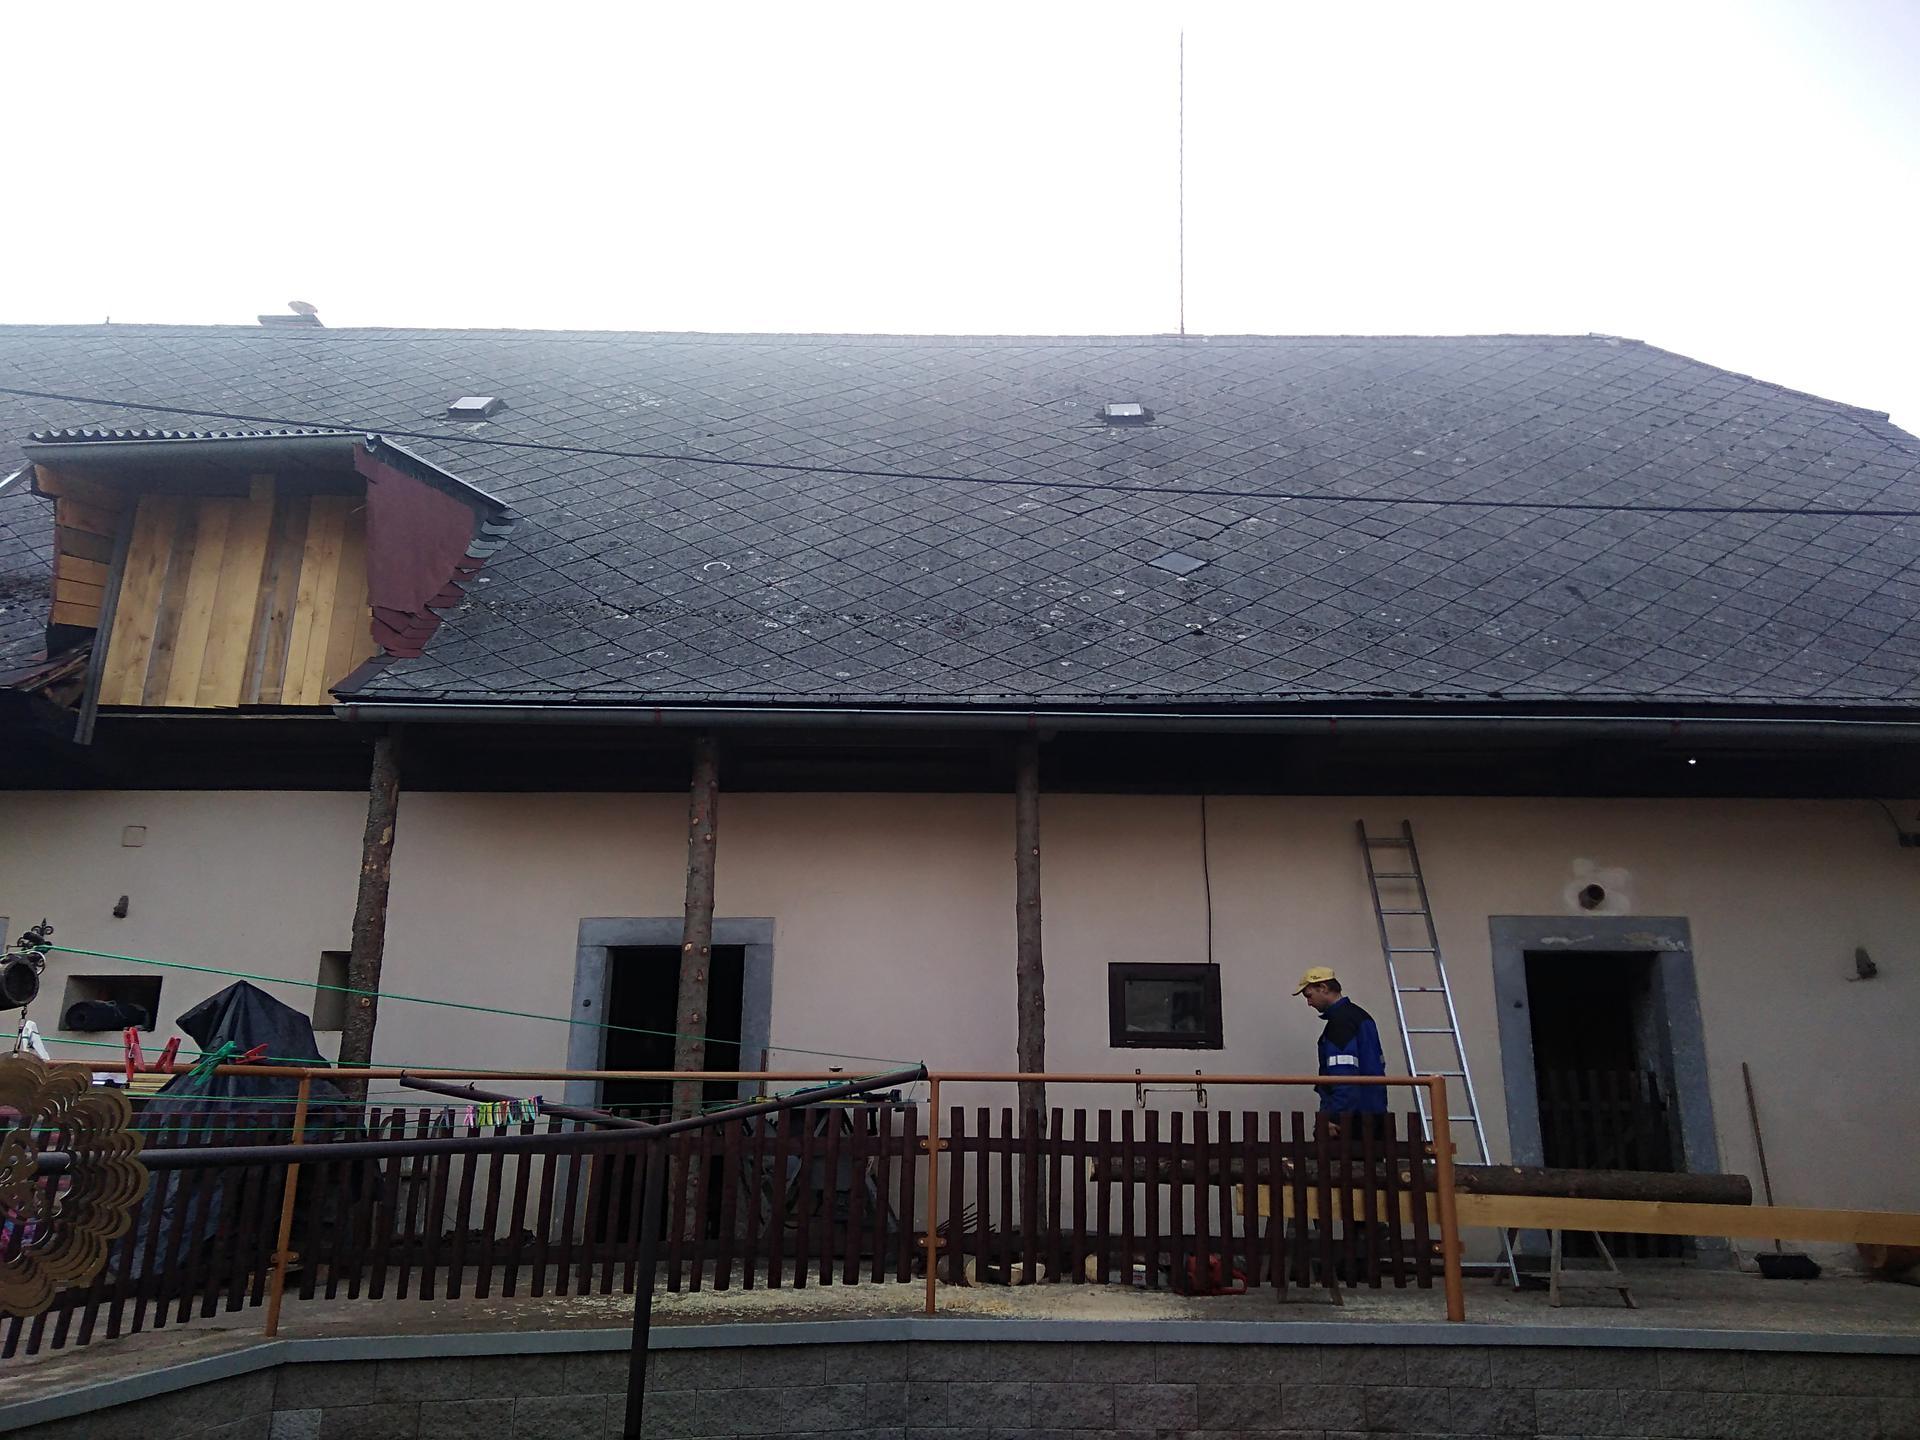 Výzva roku 2020  - střecha 450 m² SVÉPOMOCÍ - stavební butník připraven, a ted vypodložit střechu aby nespadla a vyřezávat a vyřezávat